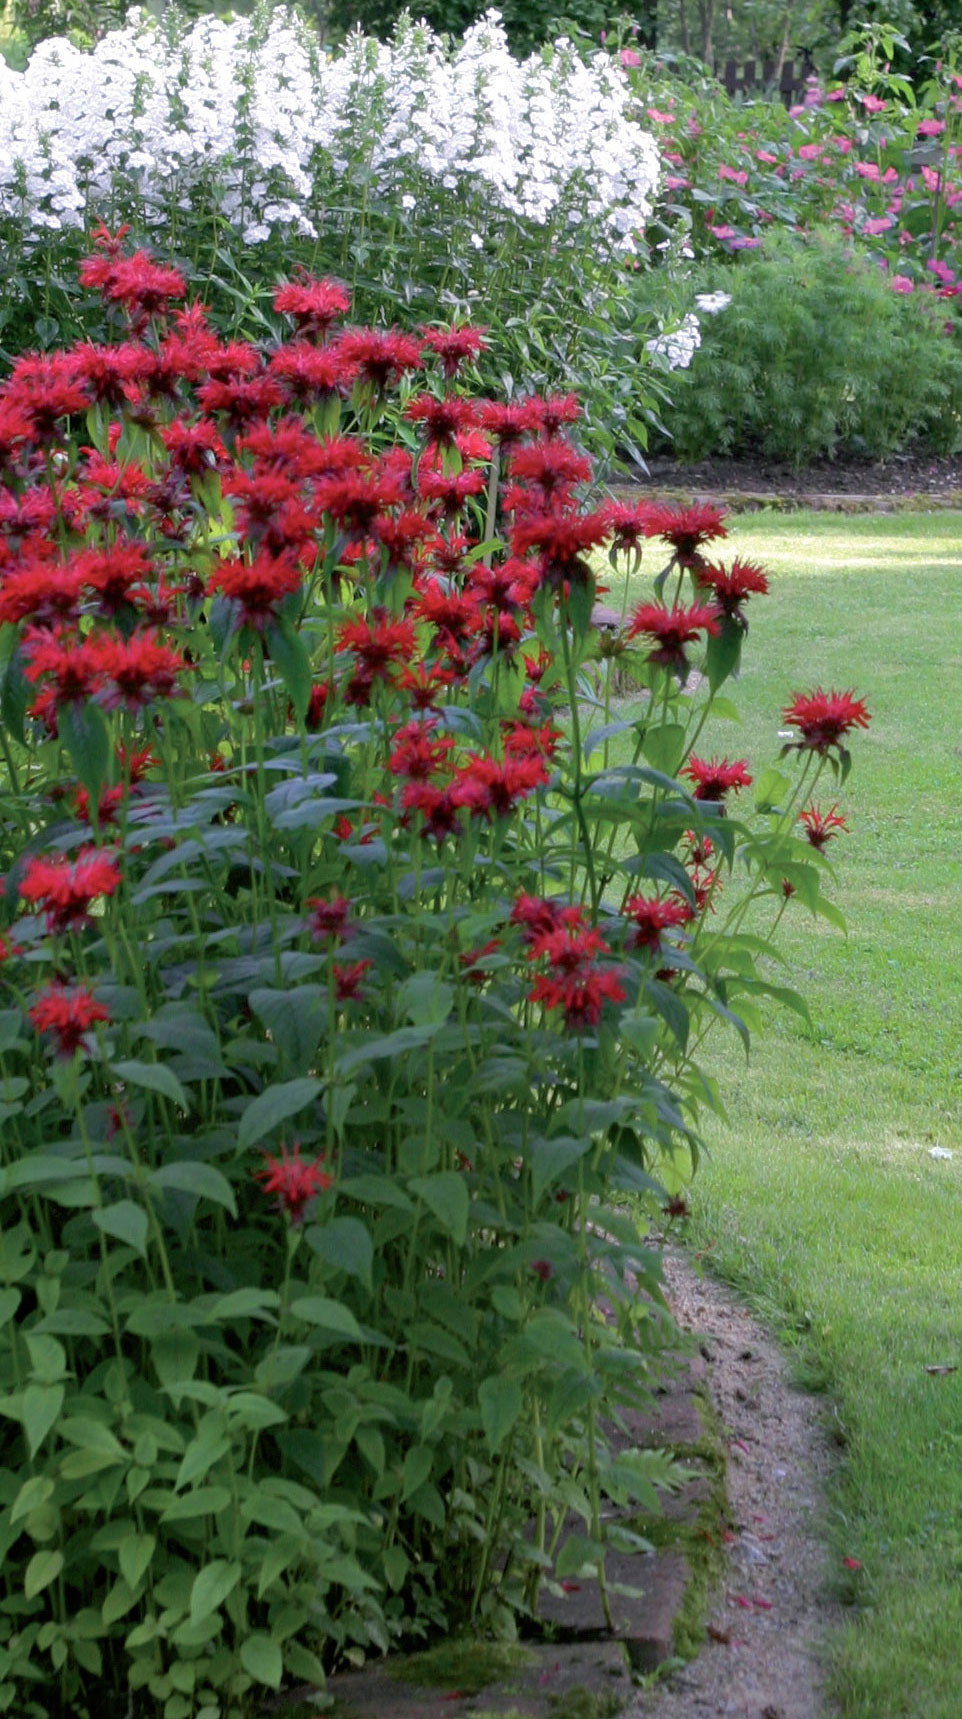 Pienet pyöreät kukkapenkit tuovat rytmiä puutarhaan.